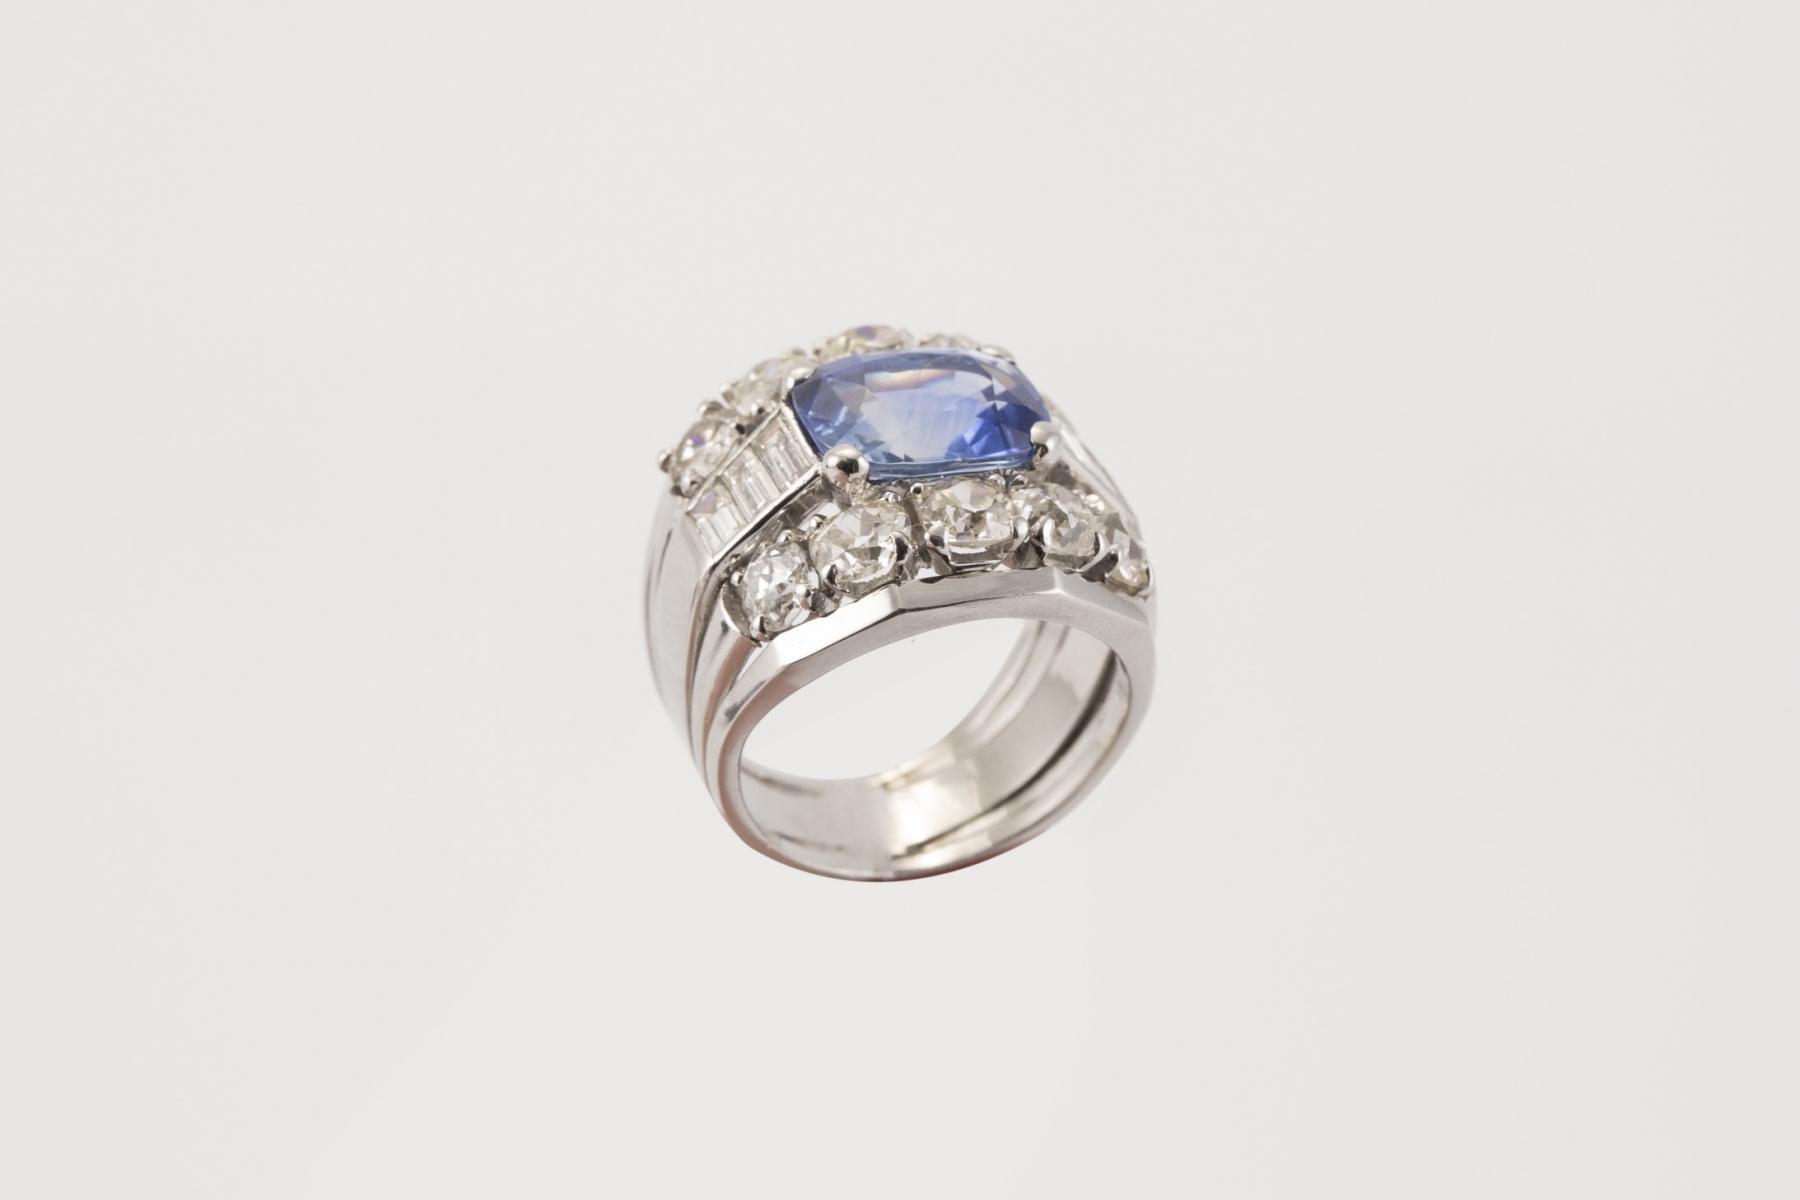 151 - Bague en platine sertie de diamants pour un poids d'environ 2,5cts et saphir. Adjugé 3960€